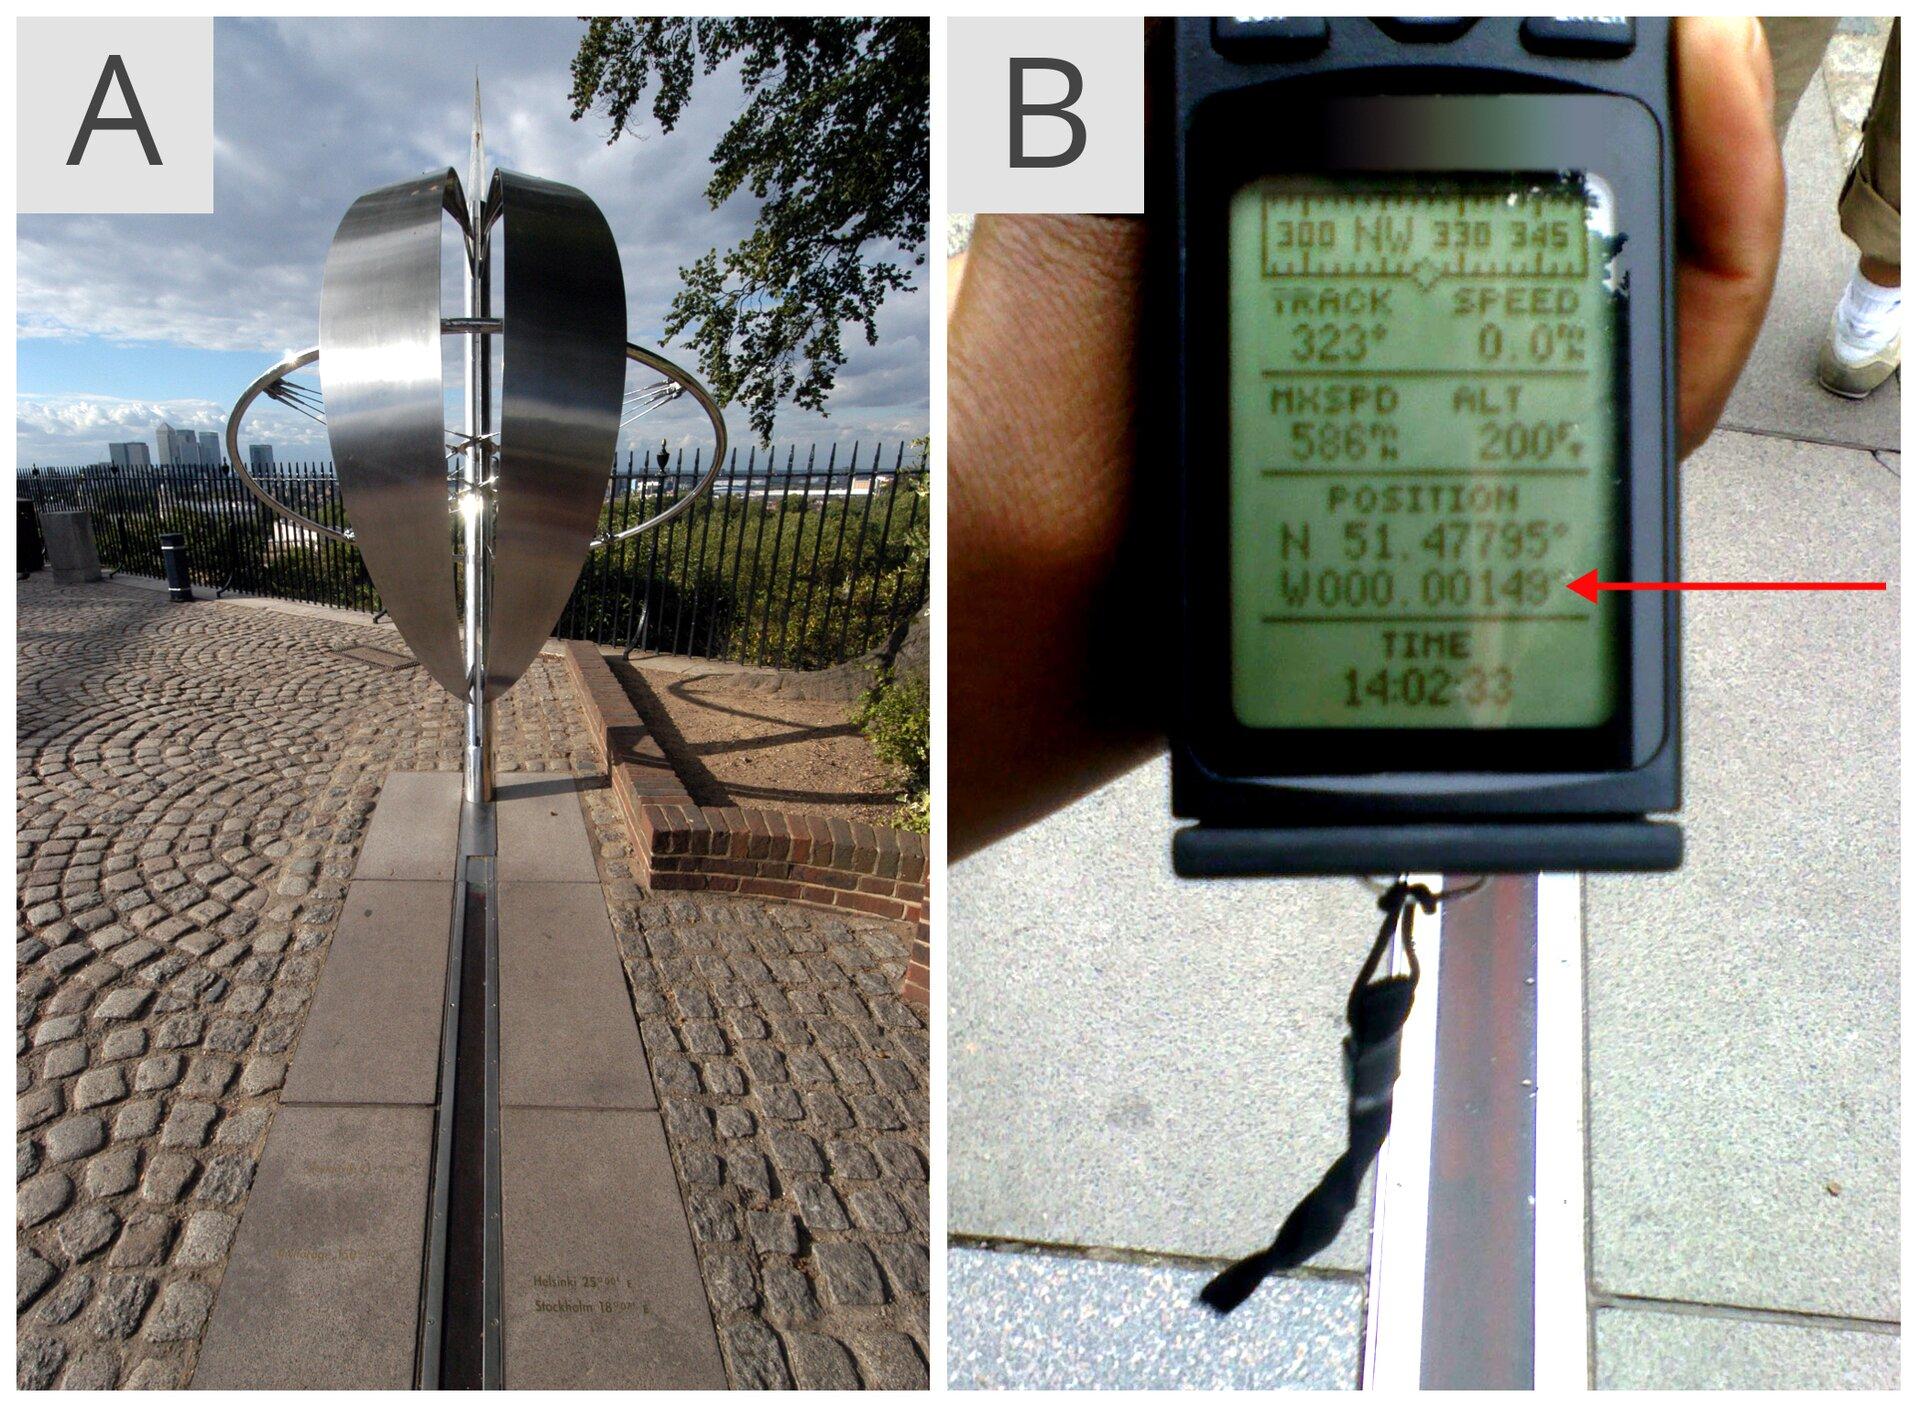 Zdjęcie Ailustruje wykonany zmetalu pomnik południka zerowego wGreenwich. Wpionie znajdują się dwa półokręgi umiejscowione równolegle do siebie. Za półkręgami widać metalowy okrąg umieszczony pod kątem prostym do półokręgów. Całość zamocowana jest na metalowej cienkiej rurze. Zdjęcie Bprzedstawia odbiornik GPS zdużym wyświetlaczem. Czerwona strzałka po prawej stronie wskazuje dokładne położenie nad symbolicznym południkiem zero. Inie jest to dokładnie zero stopni, asto czterdzieści dziewięć stutysięcznych stopnia długości geograficznej zachodniej.